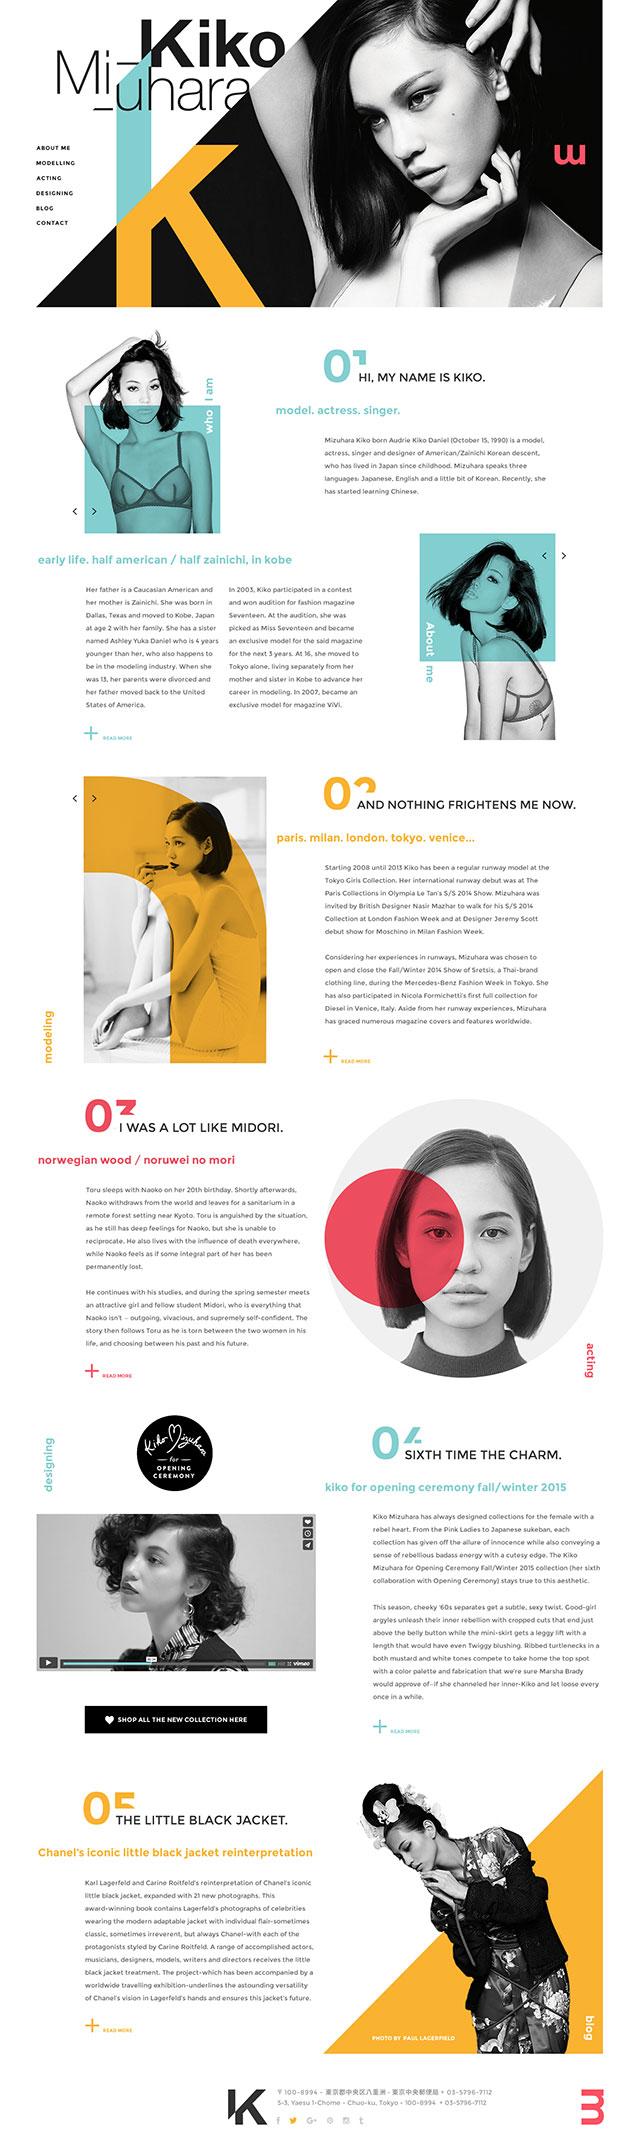 webdesign-magazine-style-1-640